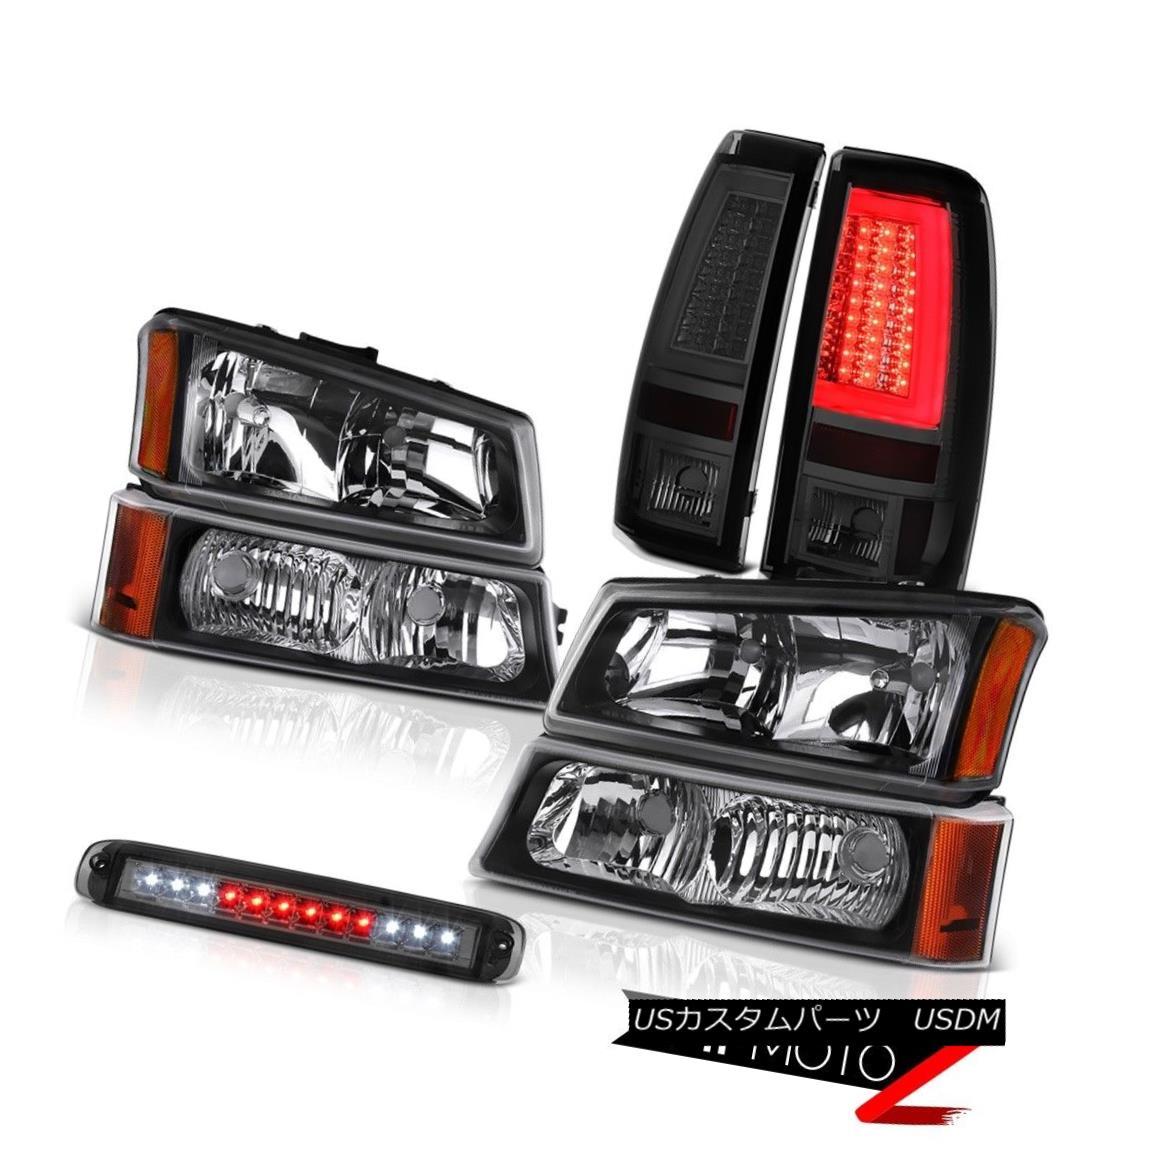 ヘッドライト 03-06 Silverado 2500Hd Rear Brake Lights Roof Cab Light Headlamps